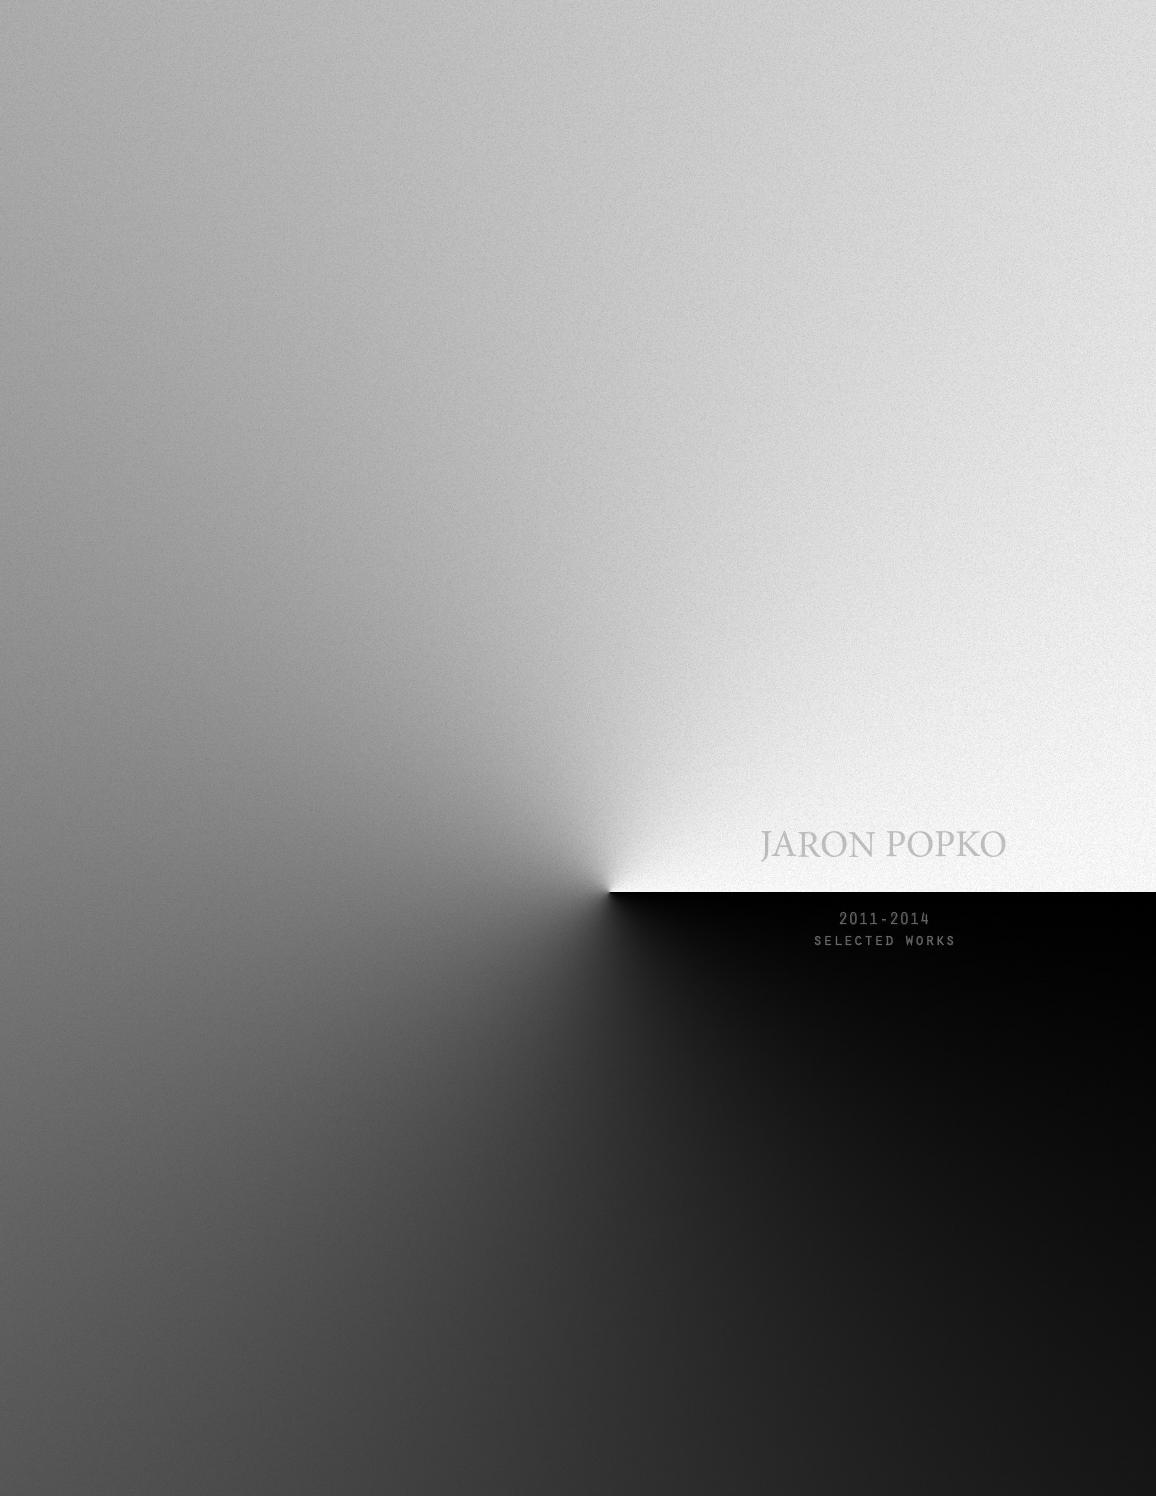 interior design thesis pdf